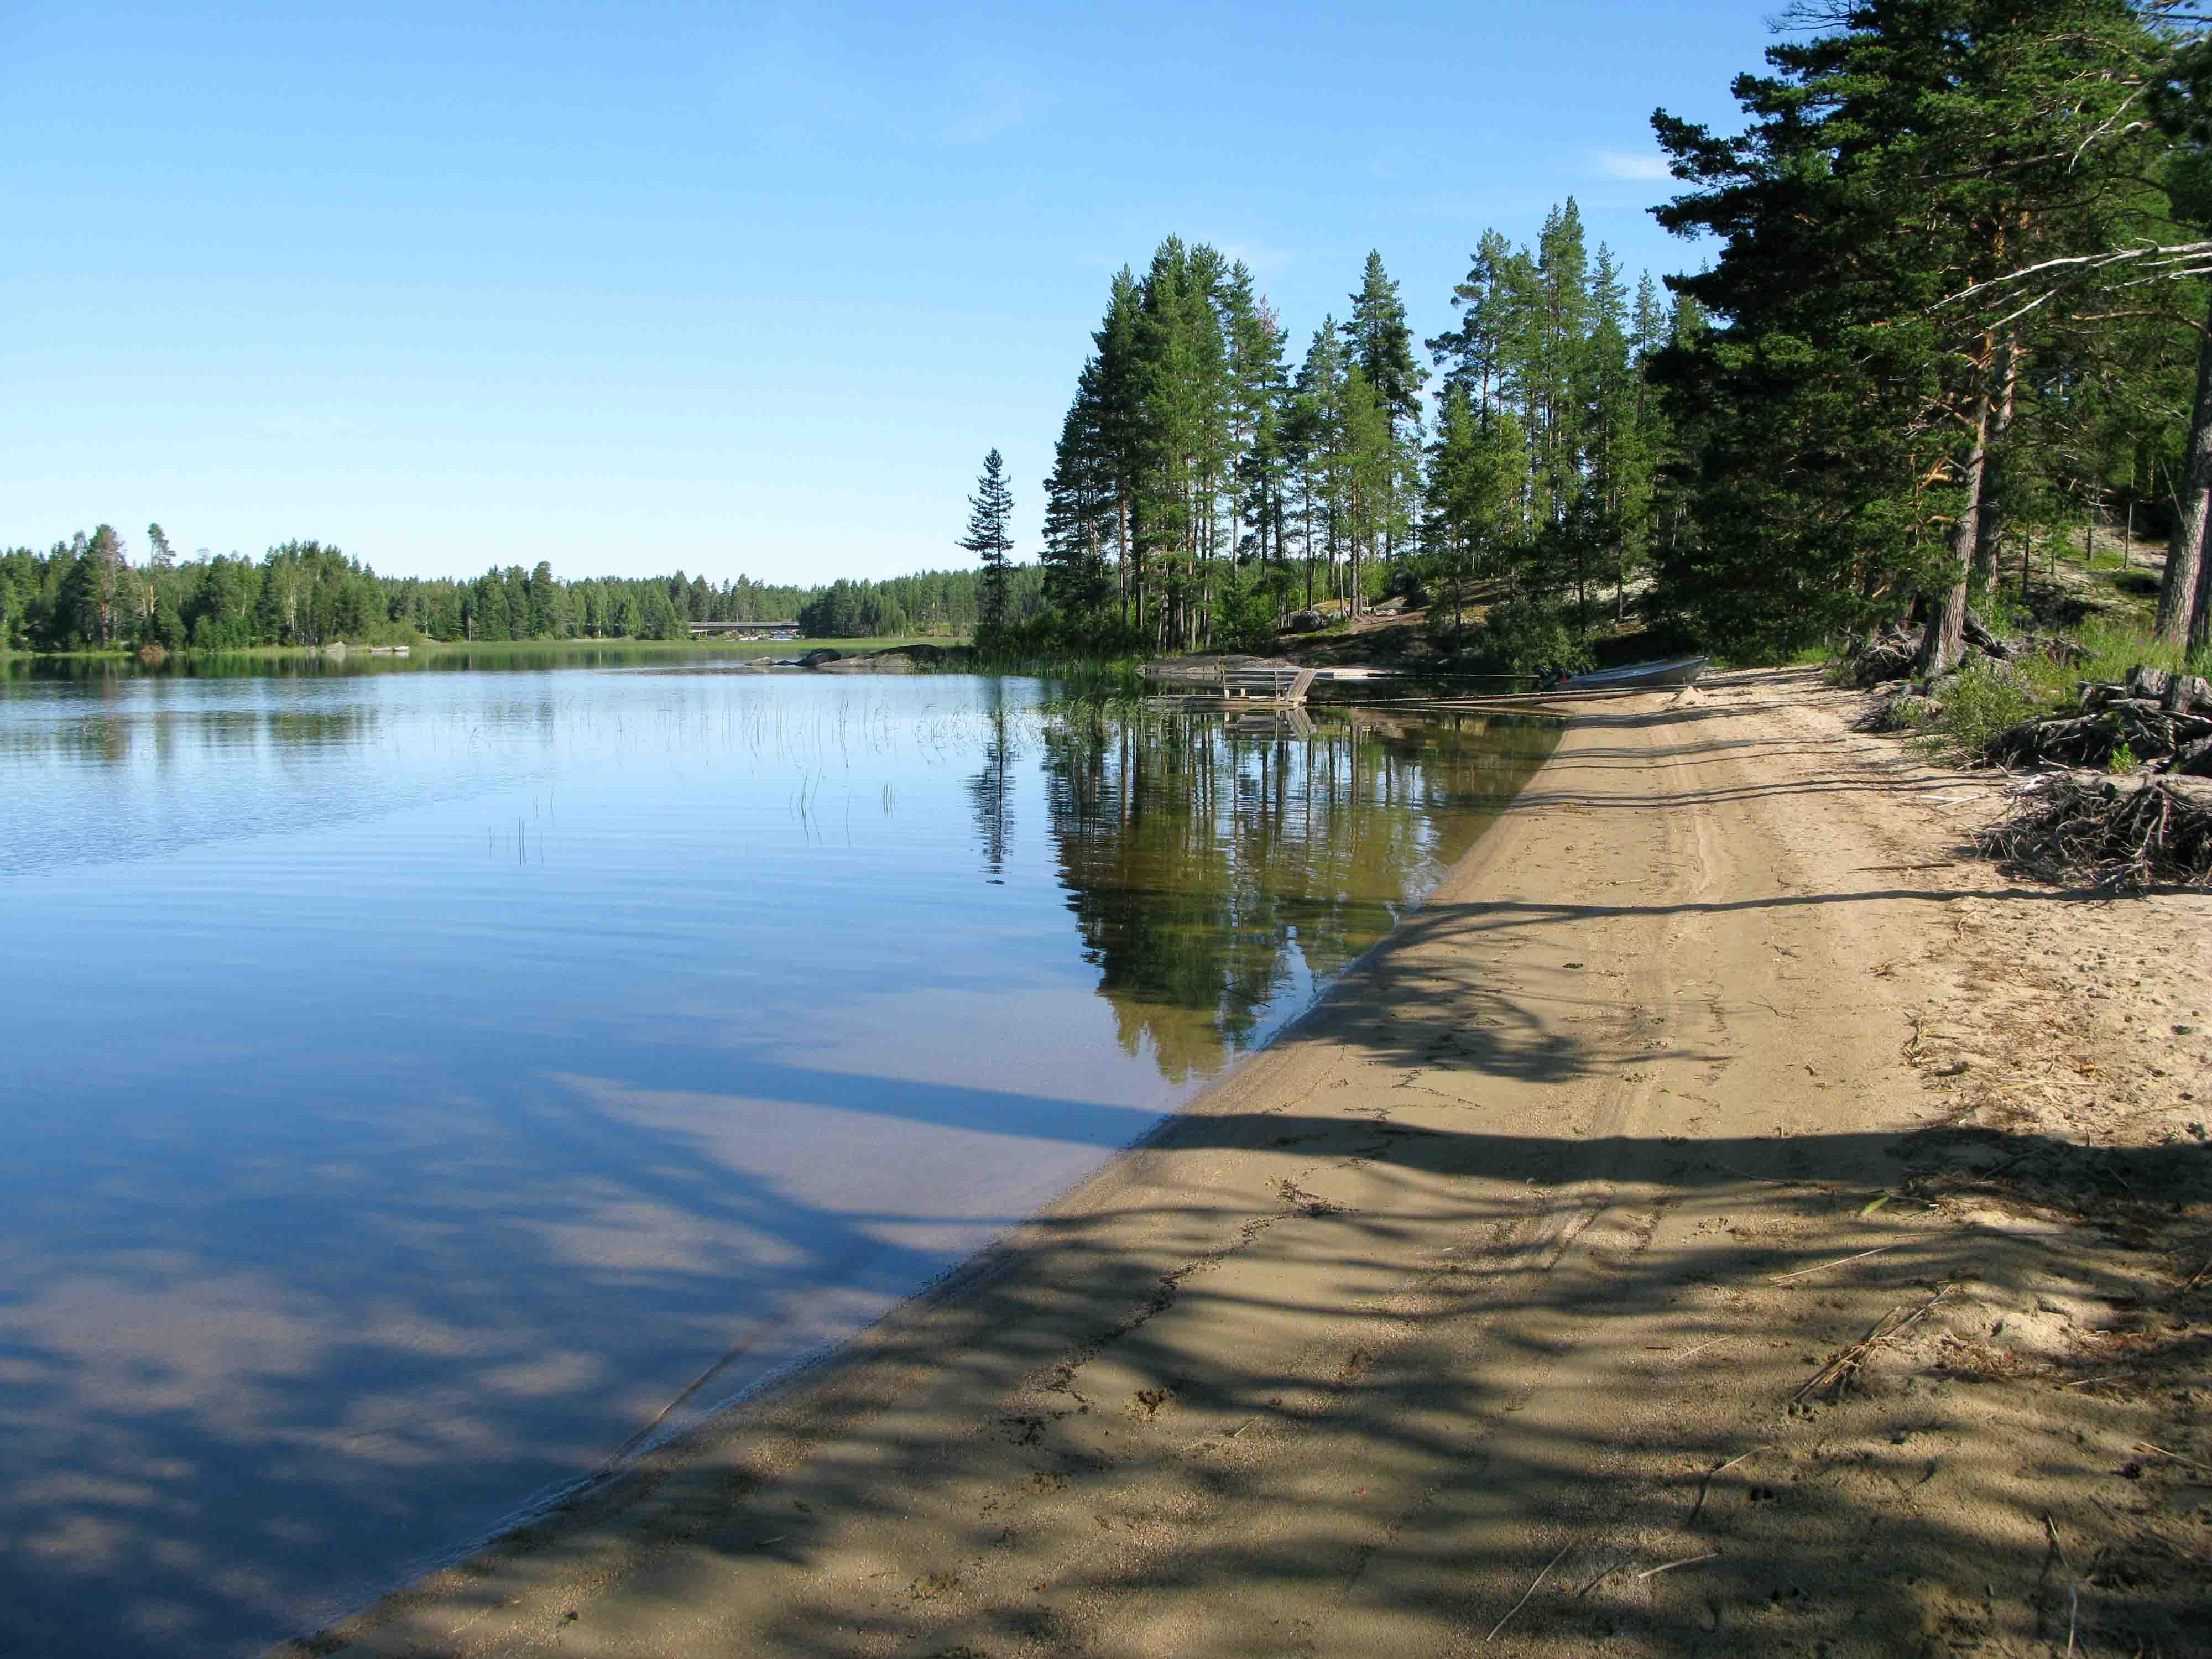 Alan Albacken jakt och fiskecamp